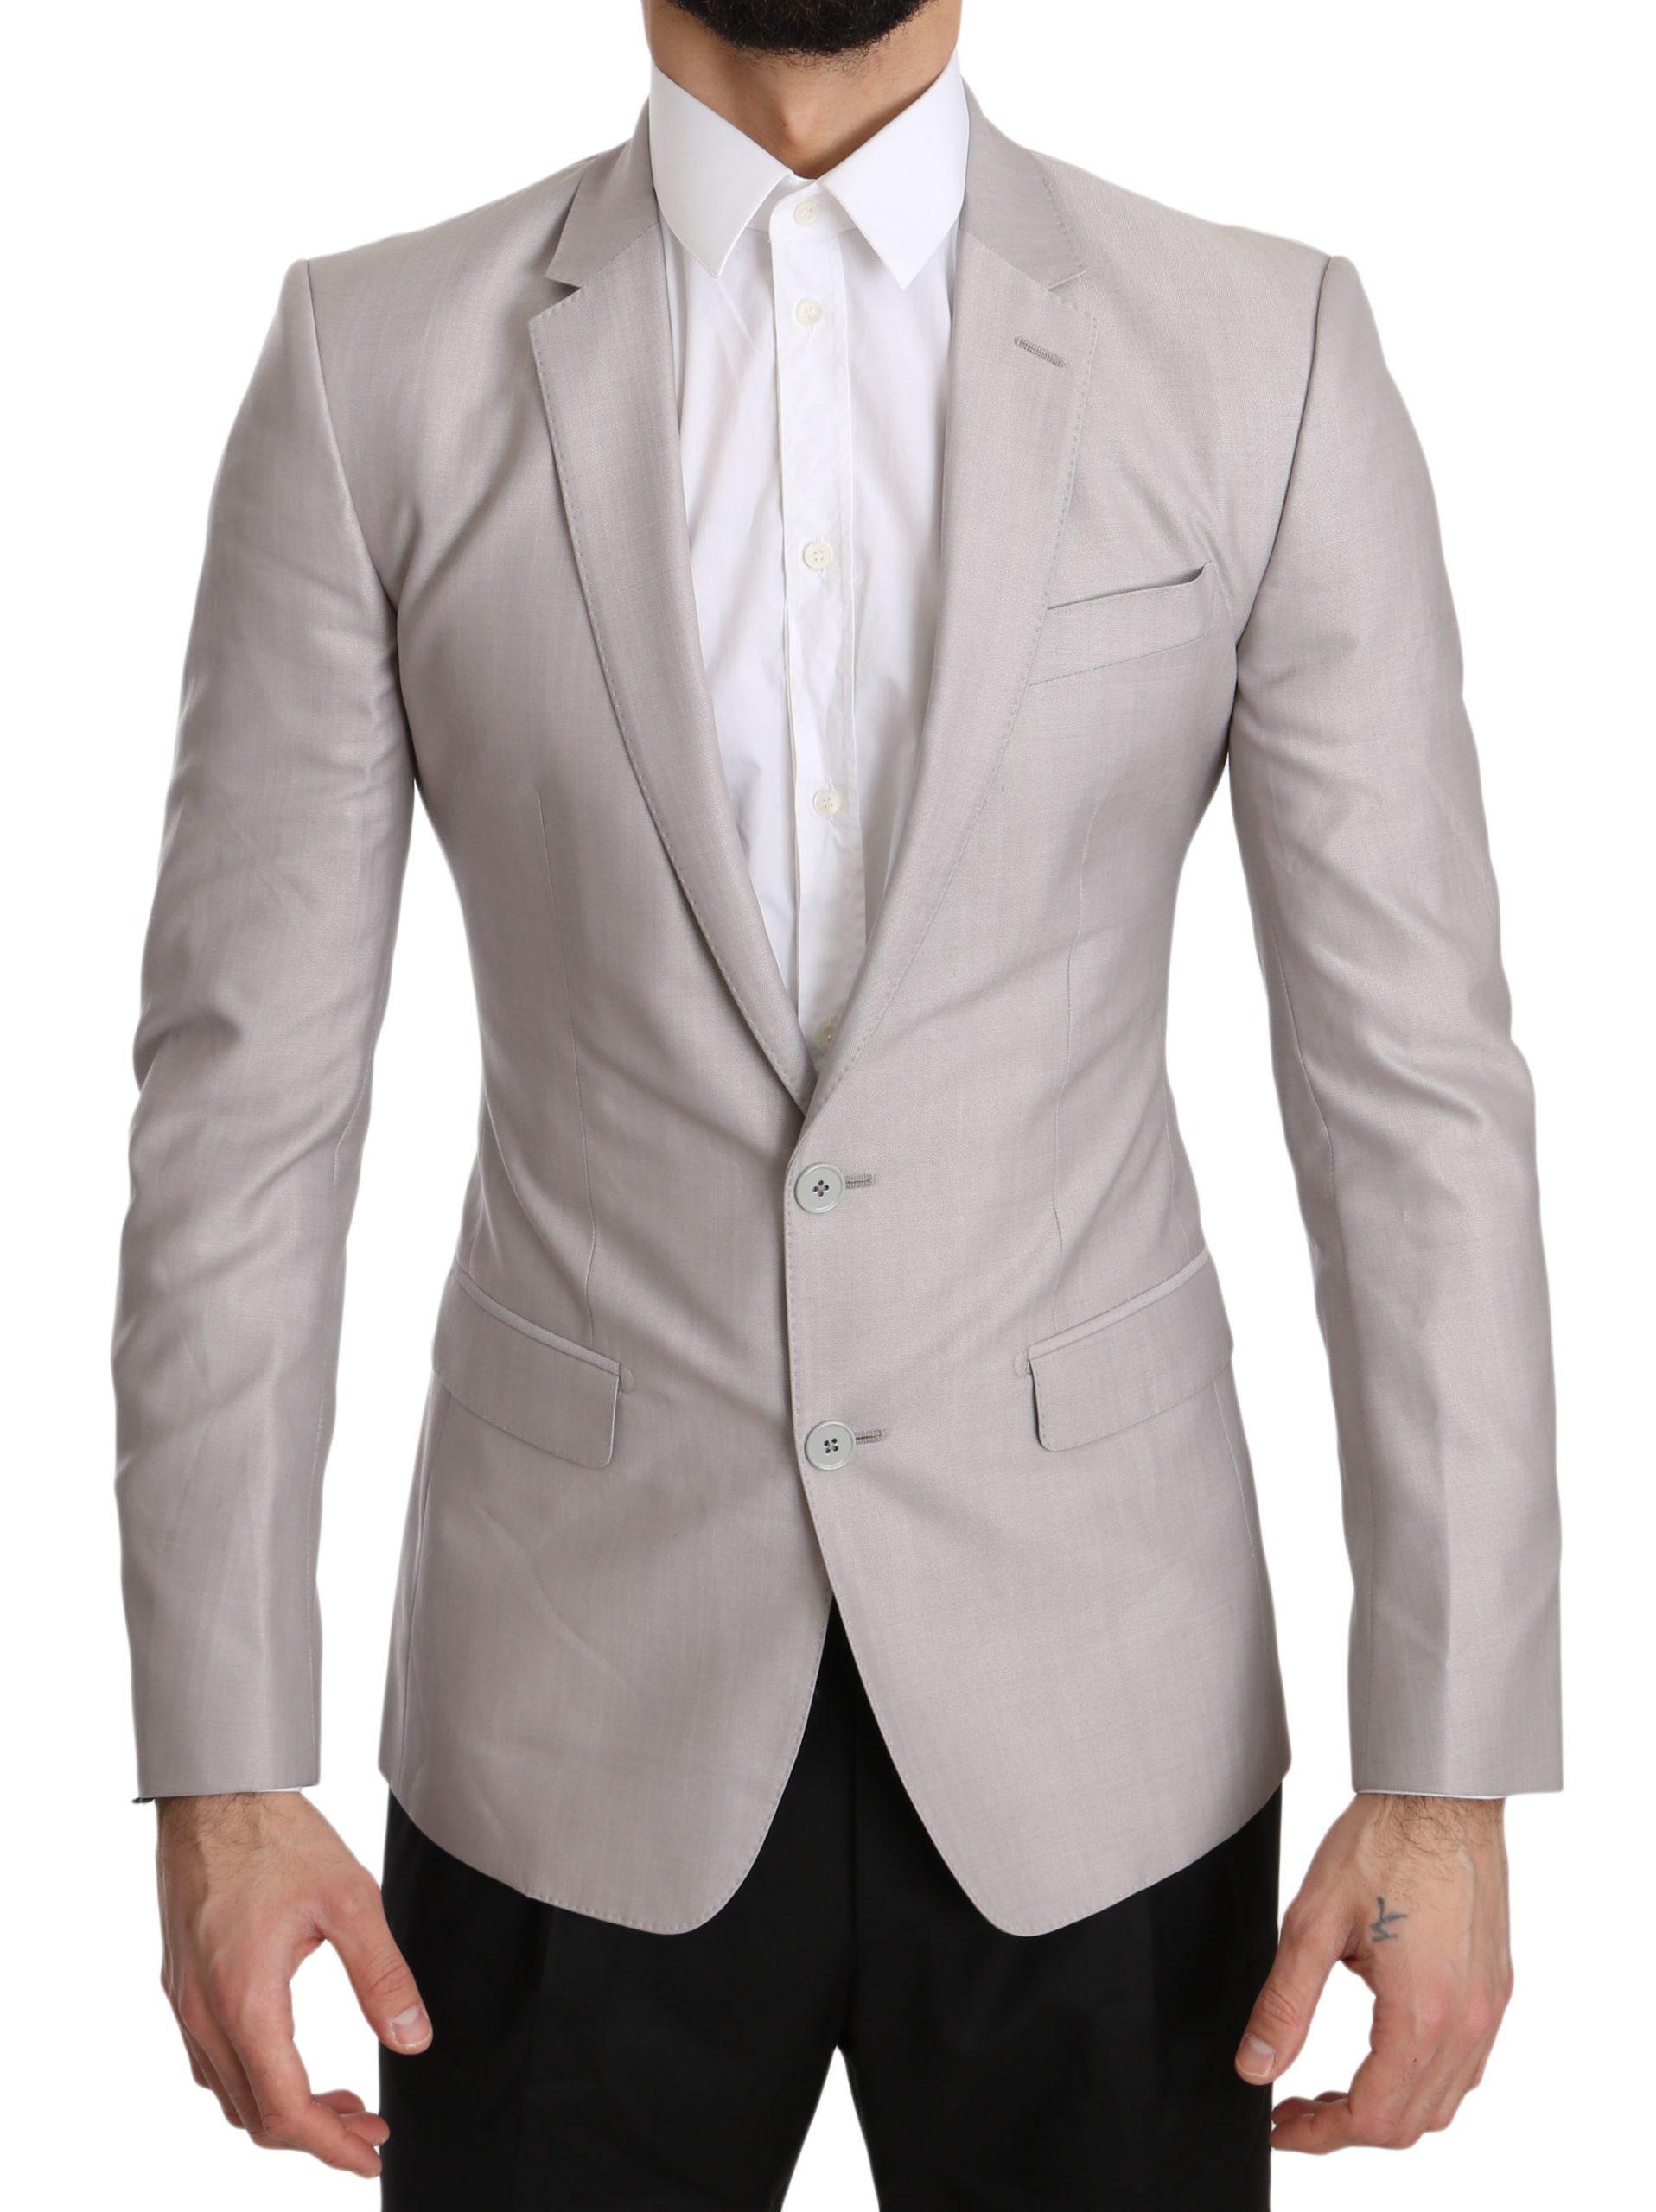 Dolce & Gabbana Men's Wool Slim Fit Blazer Silver JKT2433 - IT44   XS